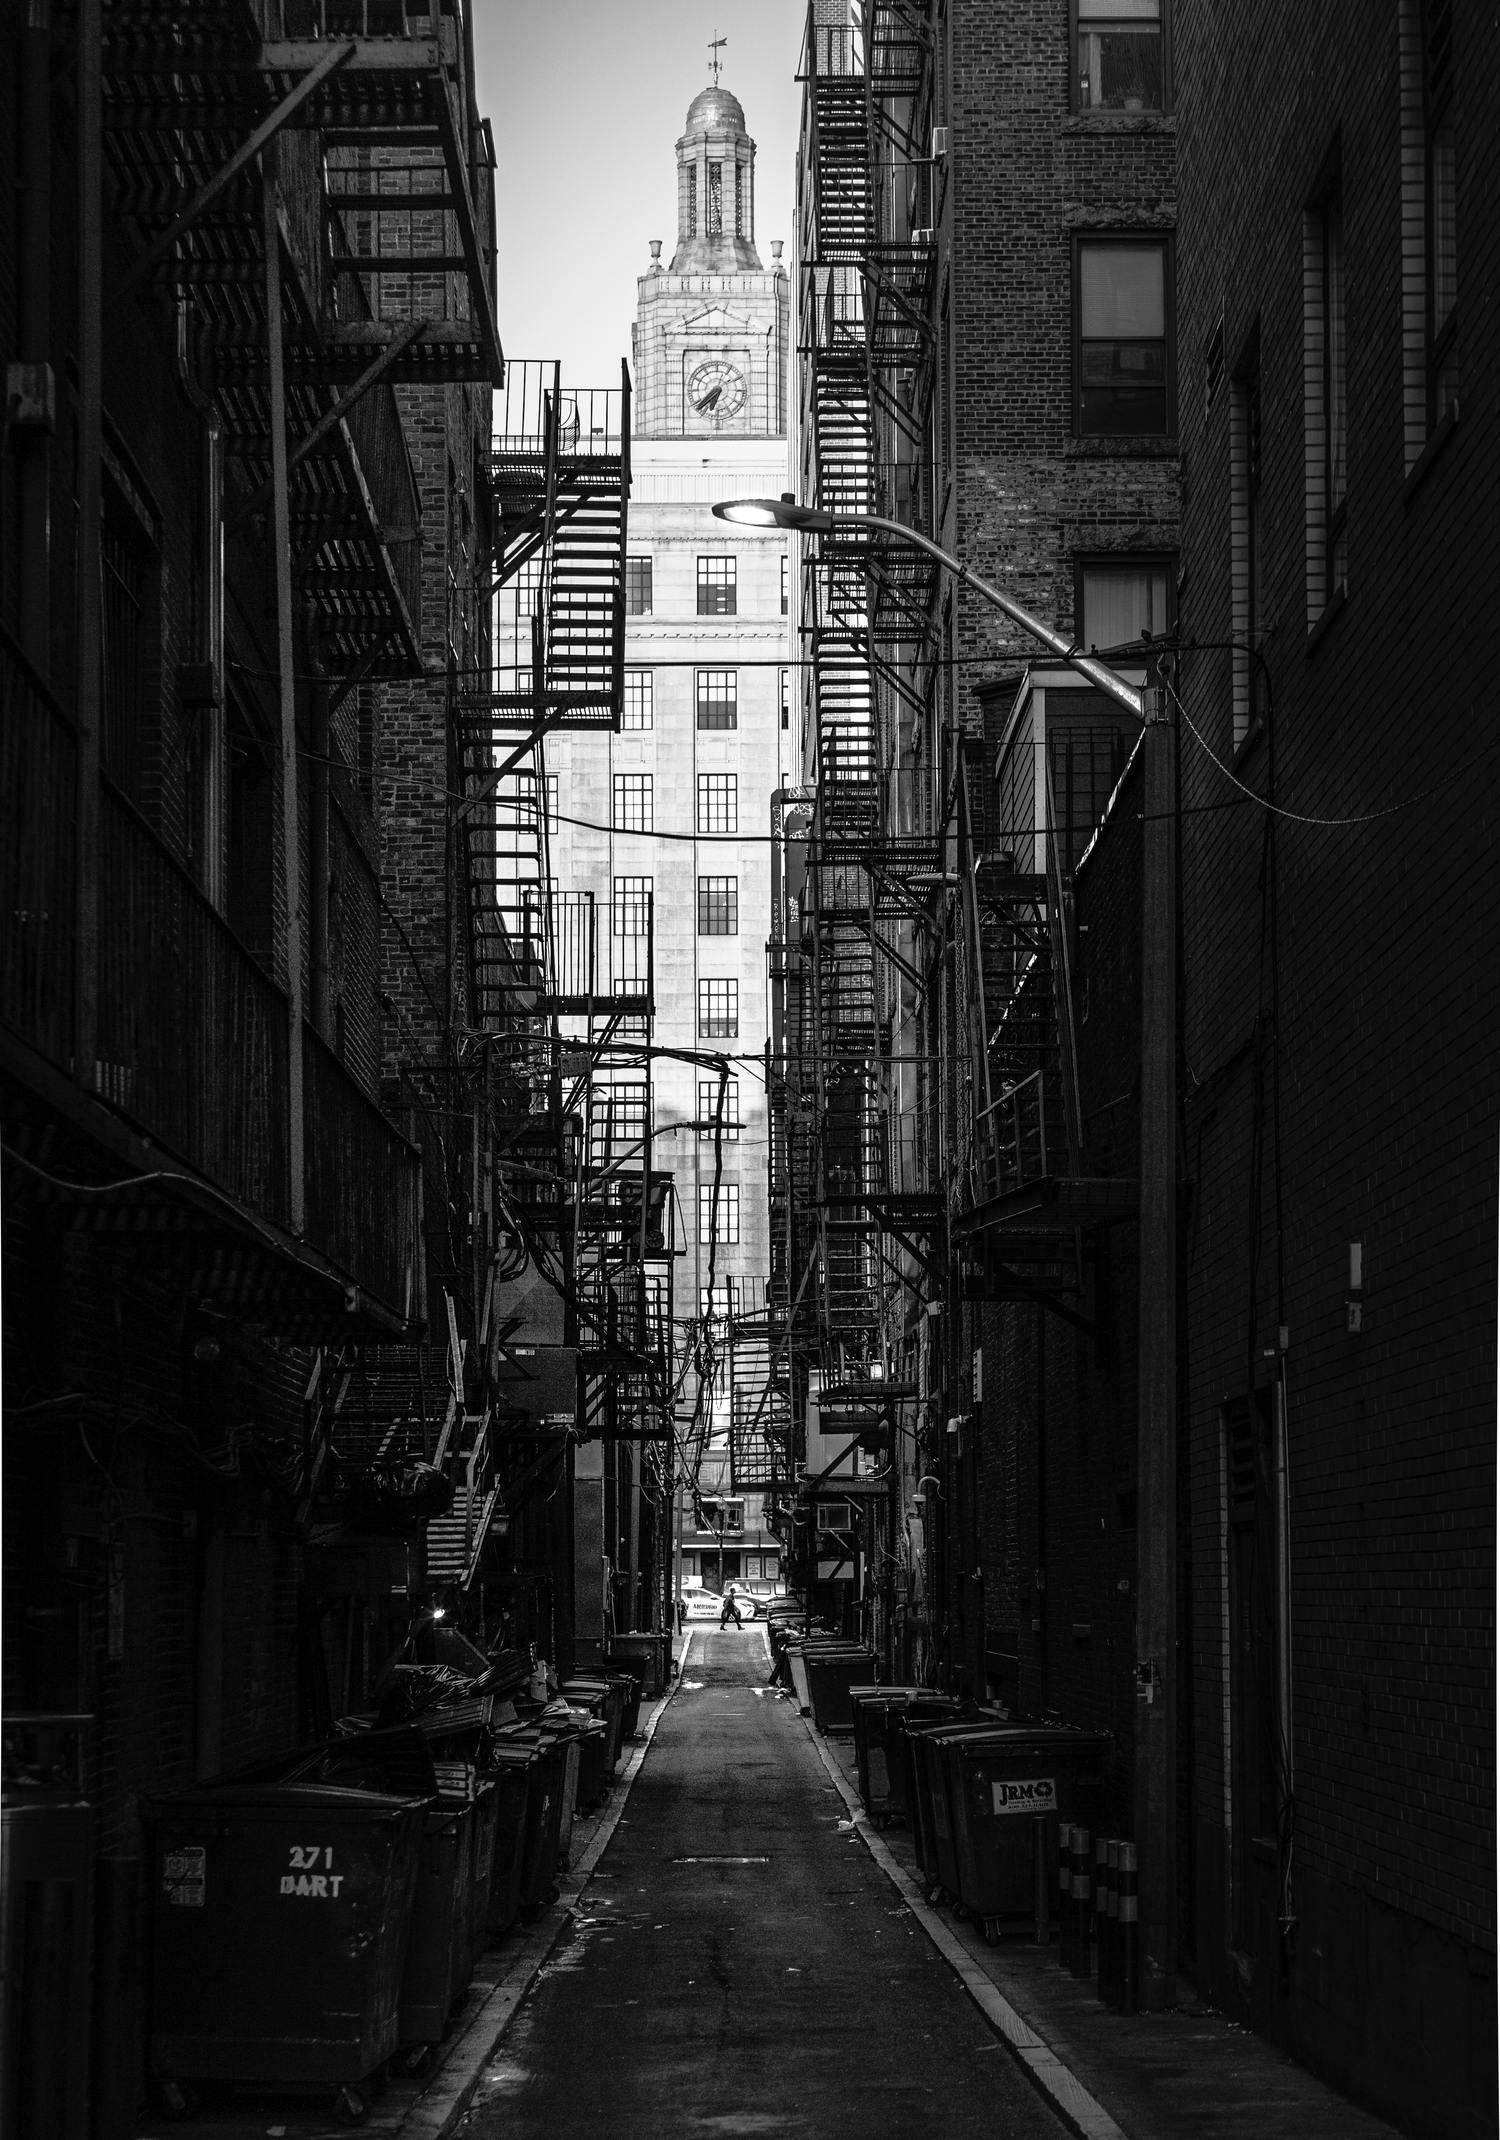 Paisaje urbano en blanco y negro compuesto con marco natural